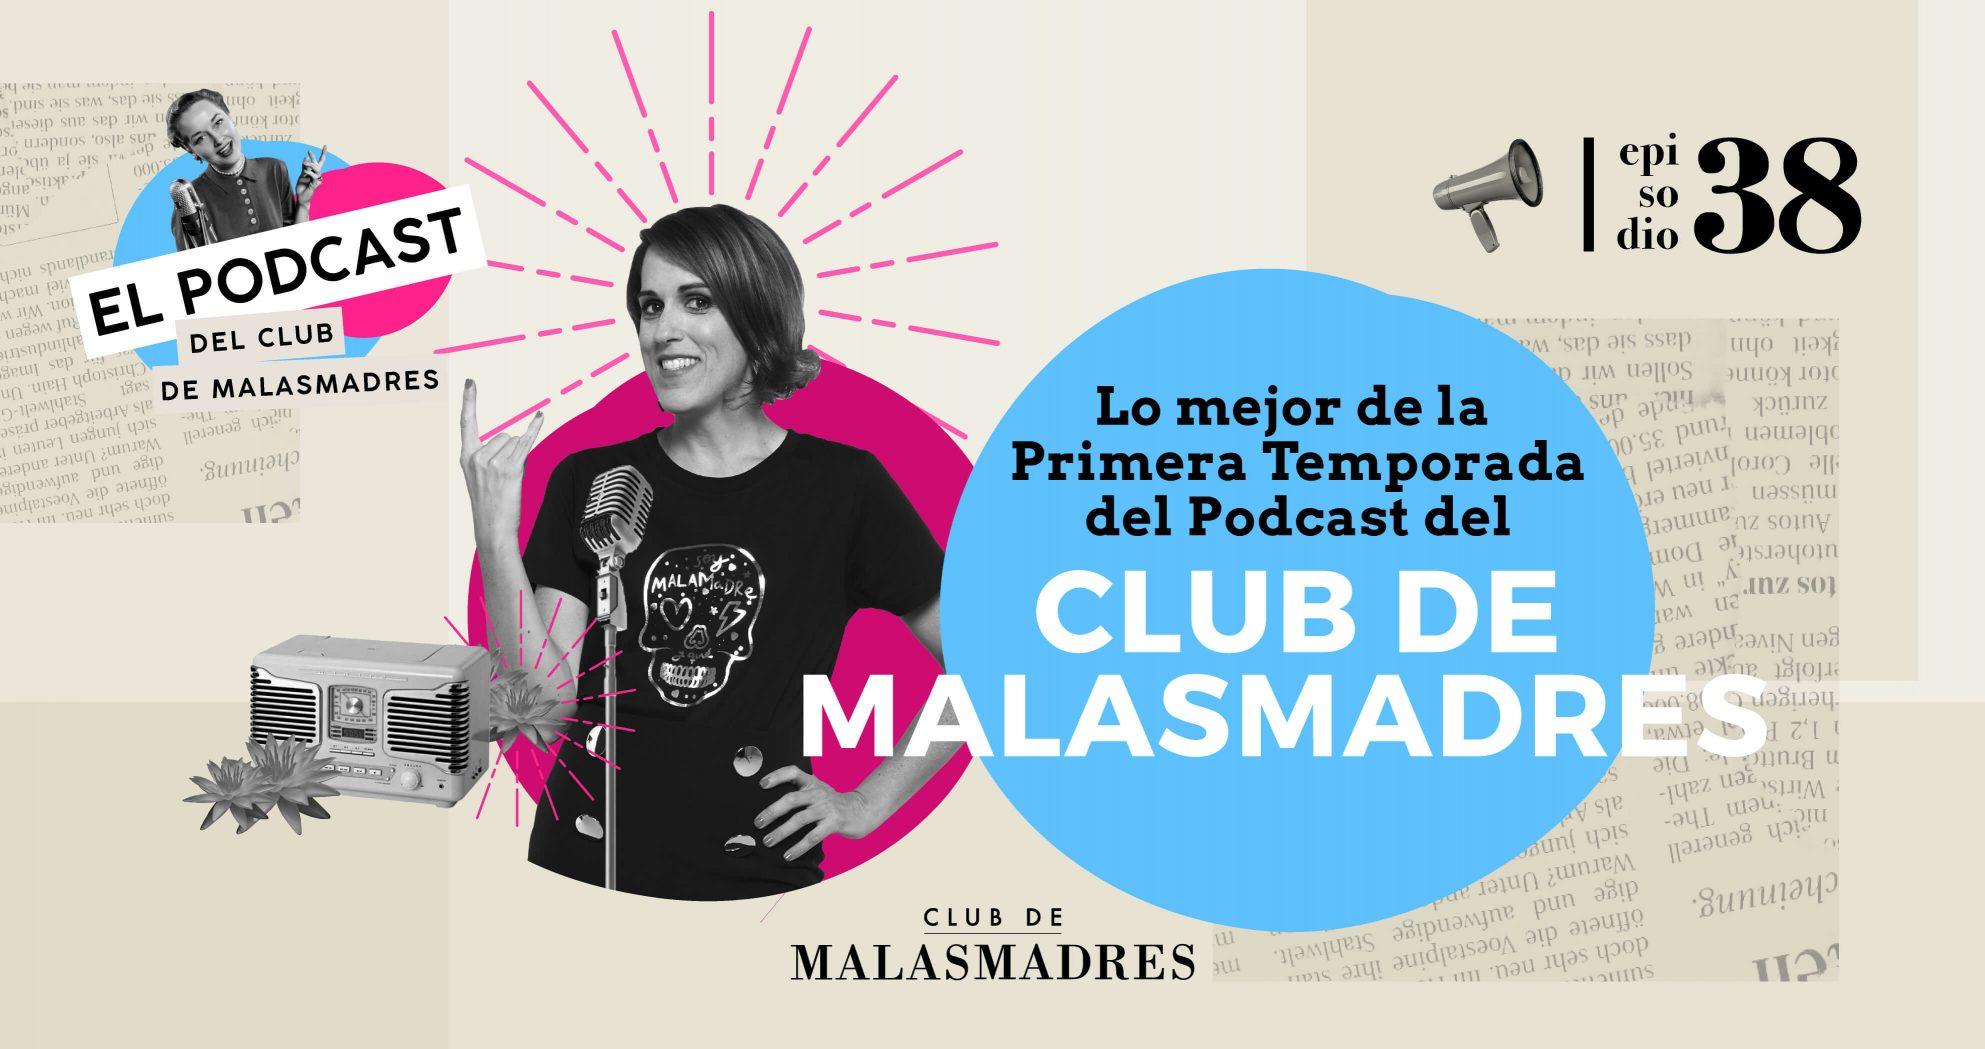 temporada 1 podcast club de malasmadres